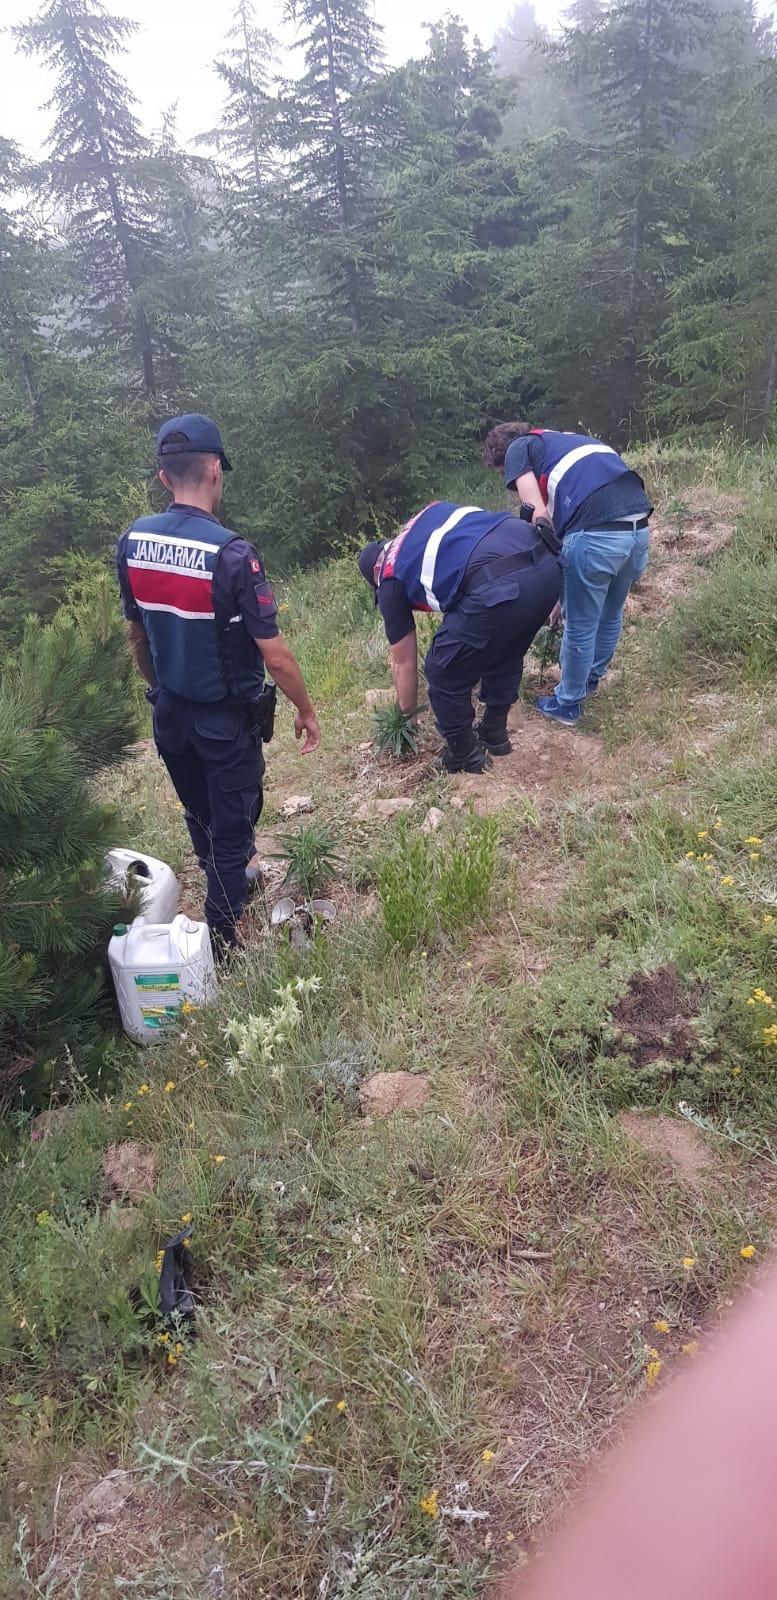 Traktörü Bırakıp Kaçtı! 2 Bin 50 Kök Yakalandı 3 Kişi Tutuklandı! Mersin Mezitli'de Yasa Dışı Ekilmiş 1.050 Kök Kenevir Bitkisi Ele Geçirildi